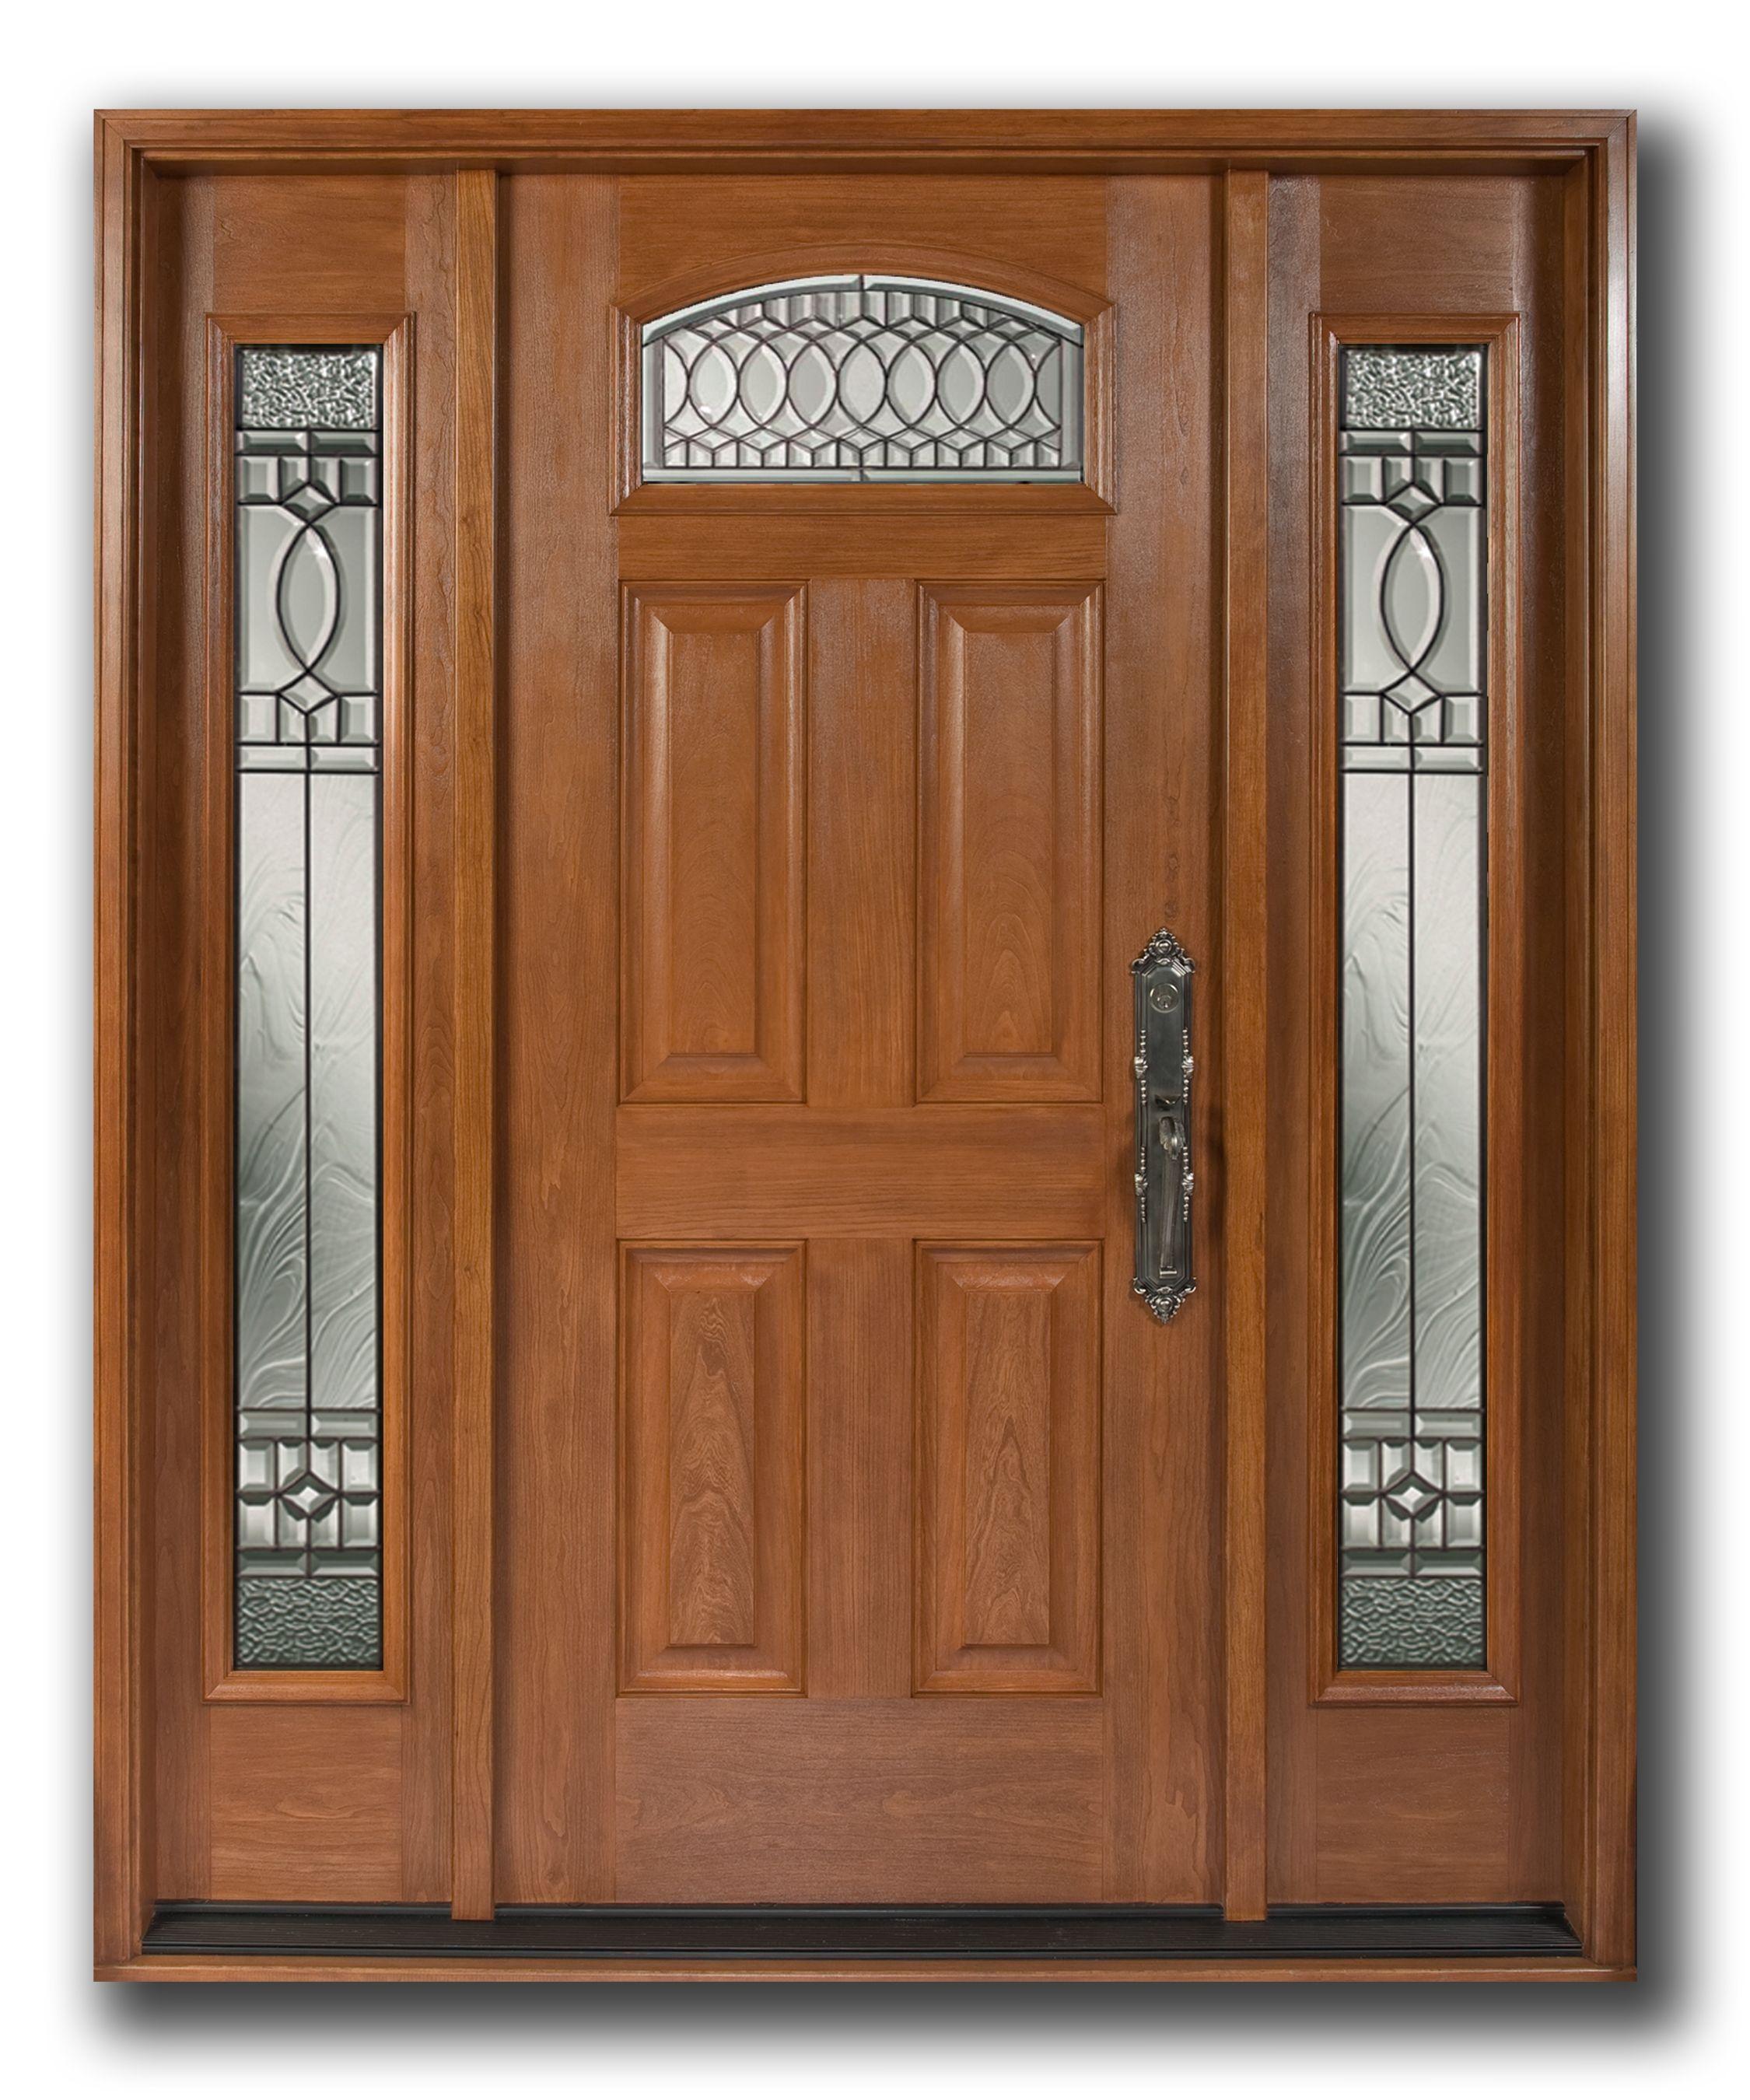 Choosing a New Back Door - Five Top Tips